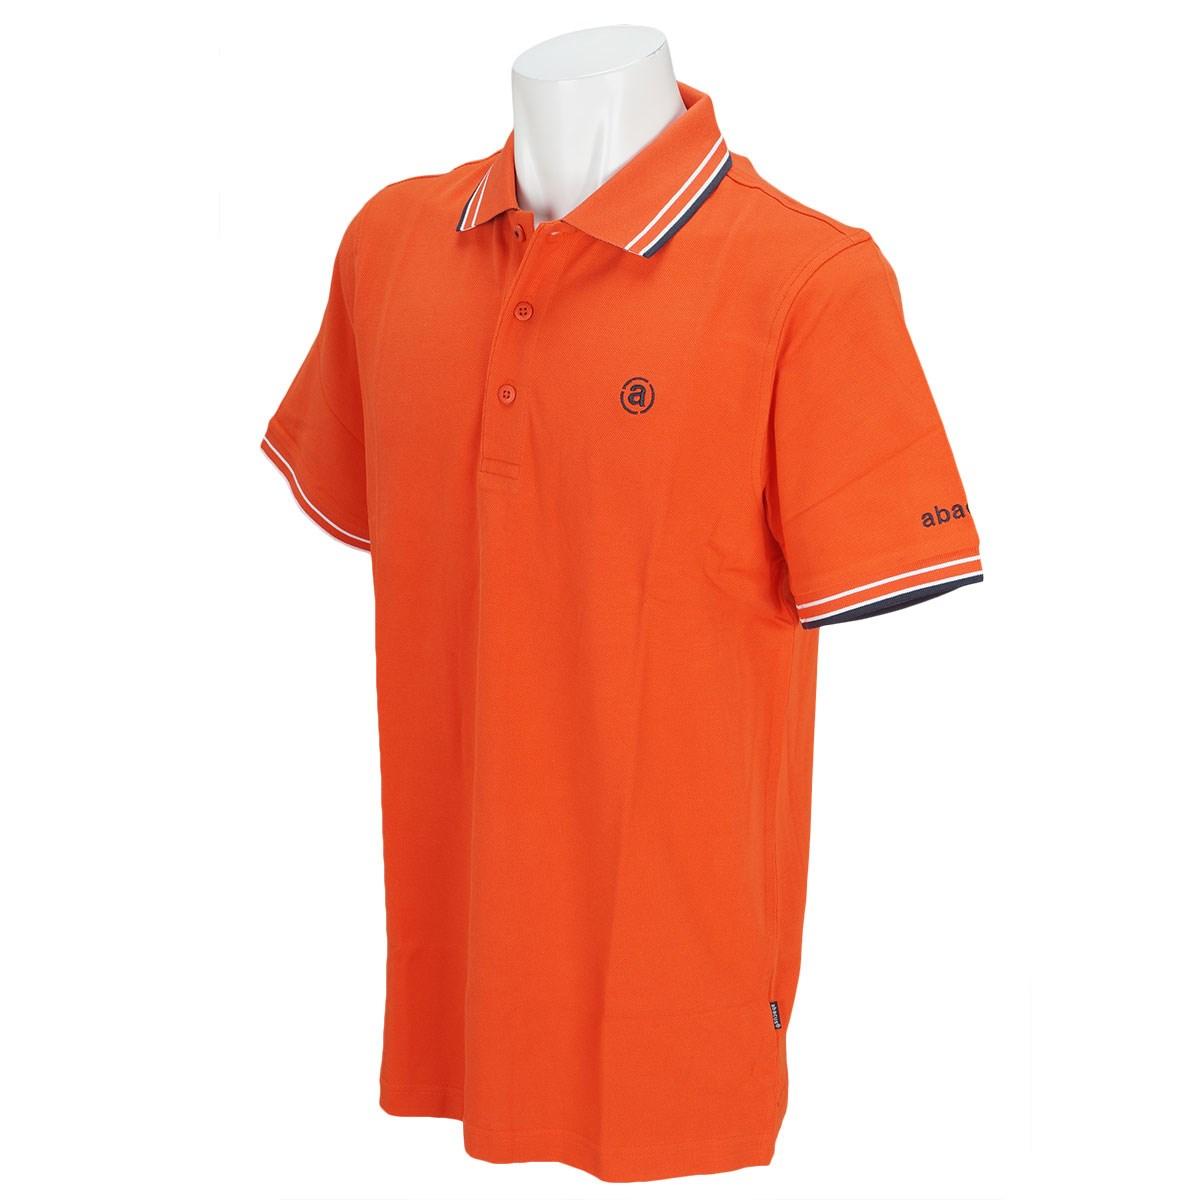 アバカス ABACUS 半袖ポロシャツ M オレンジ